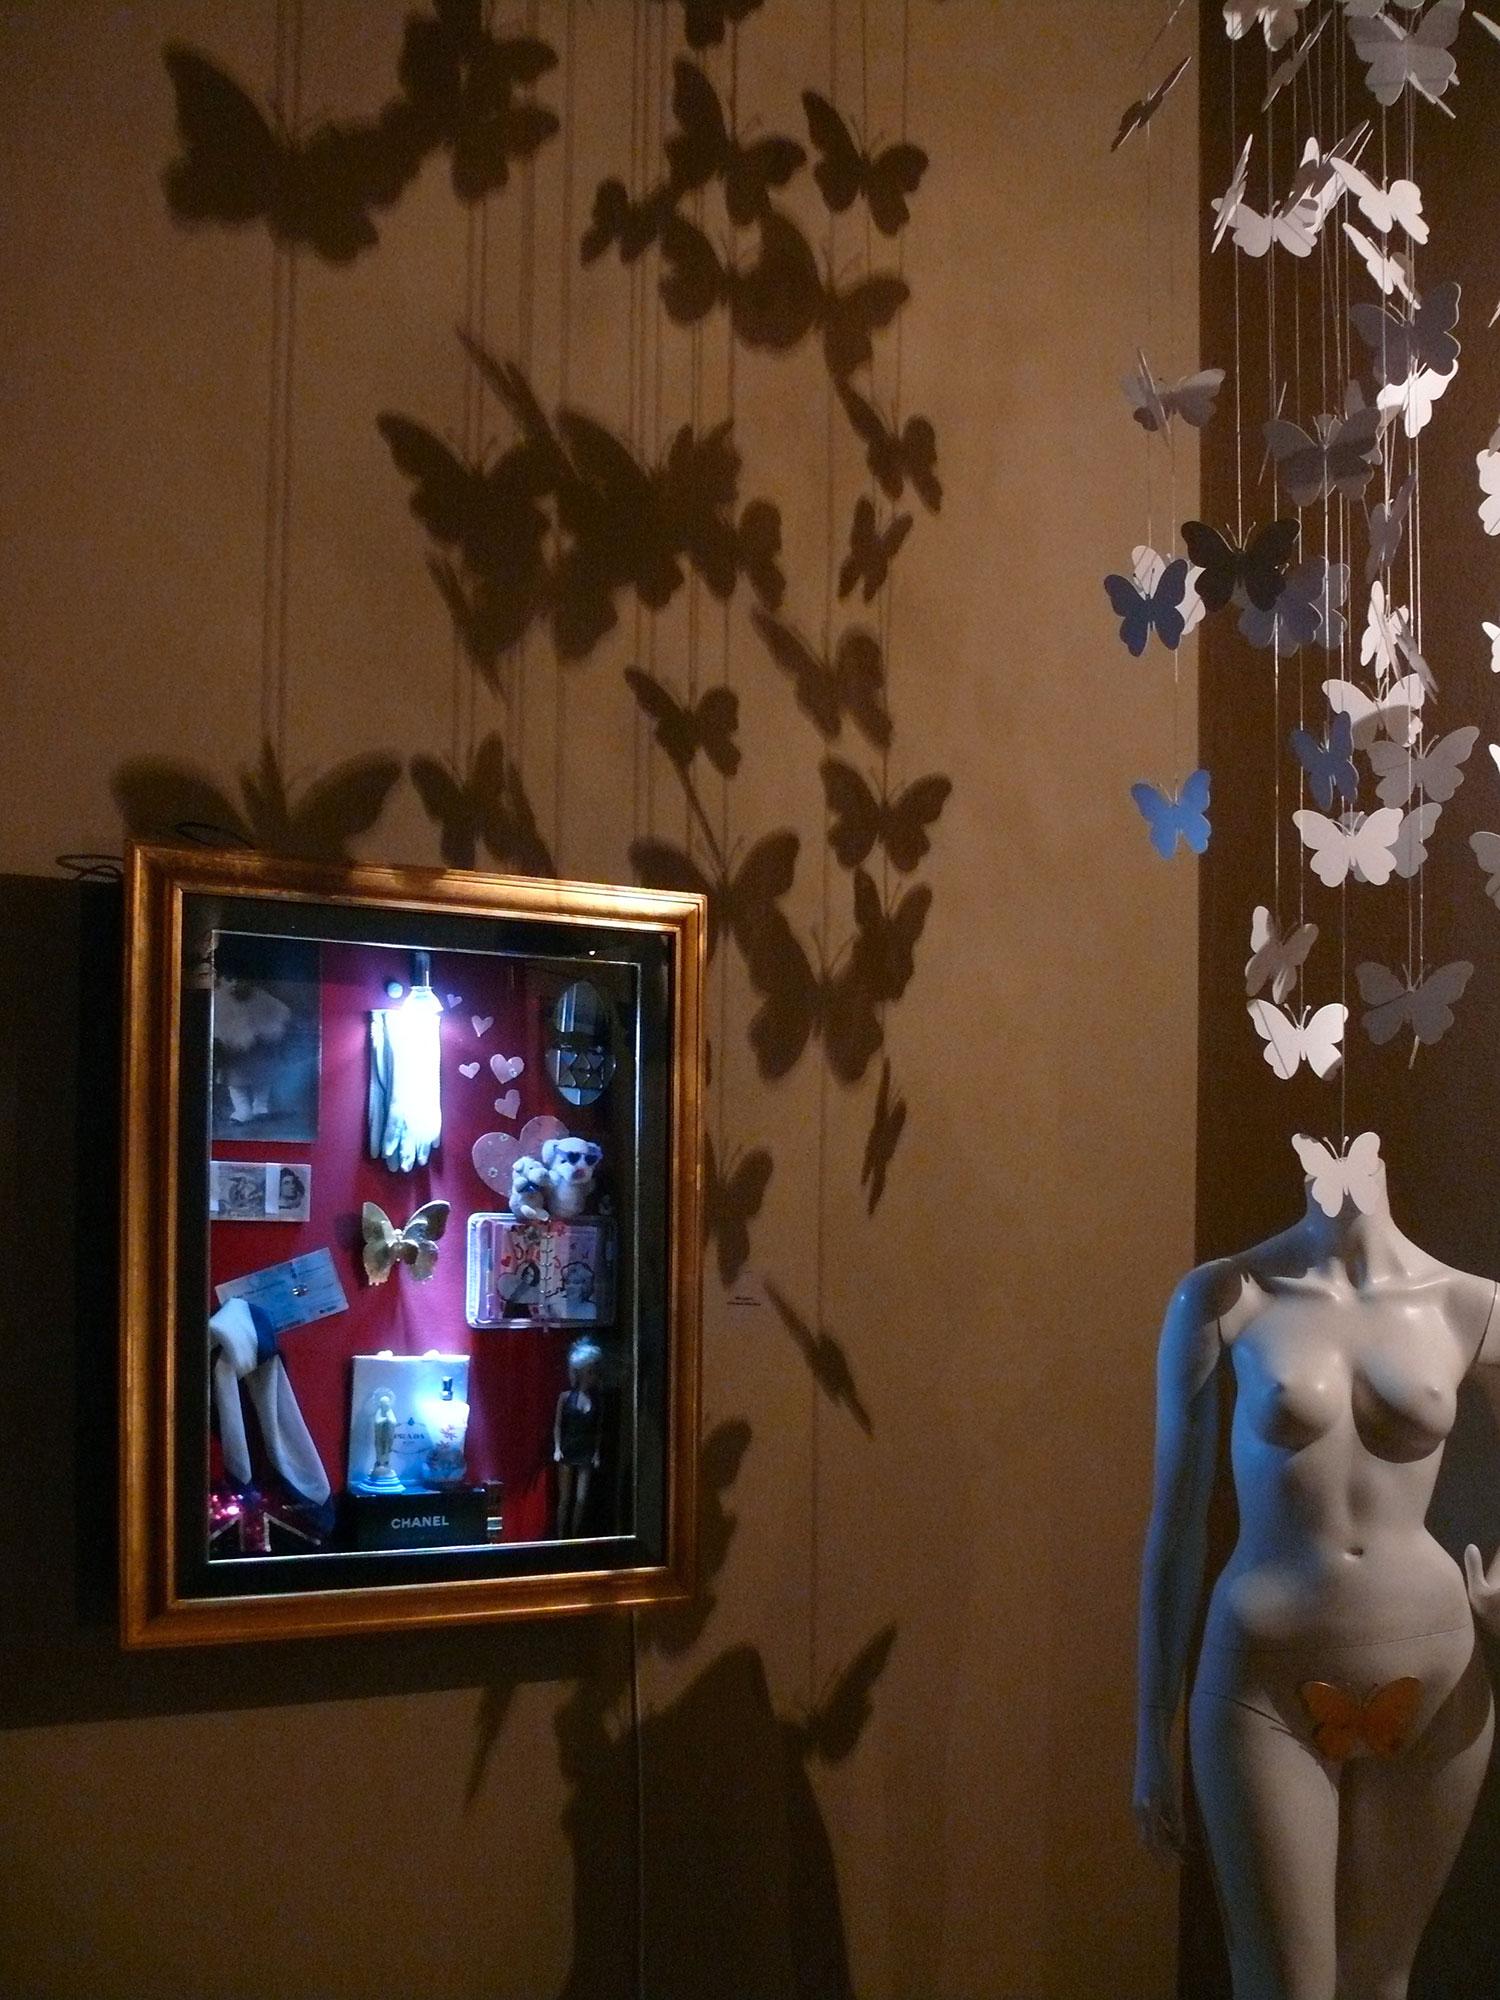 installazione-arte-farfalle-bologna-silla-guerrini